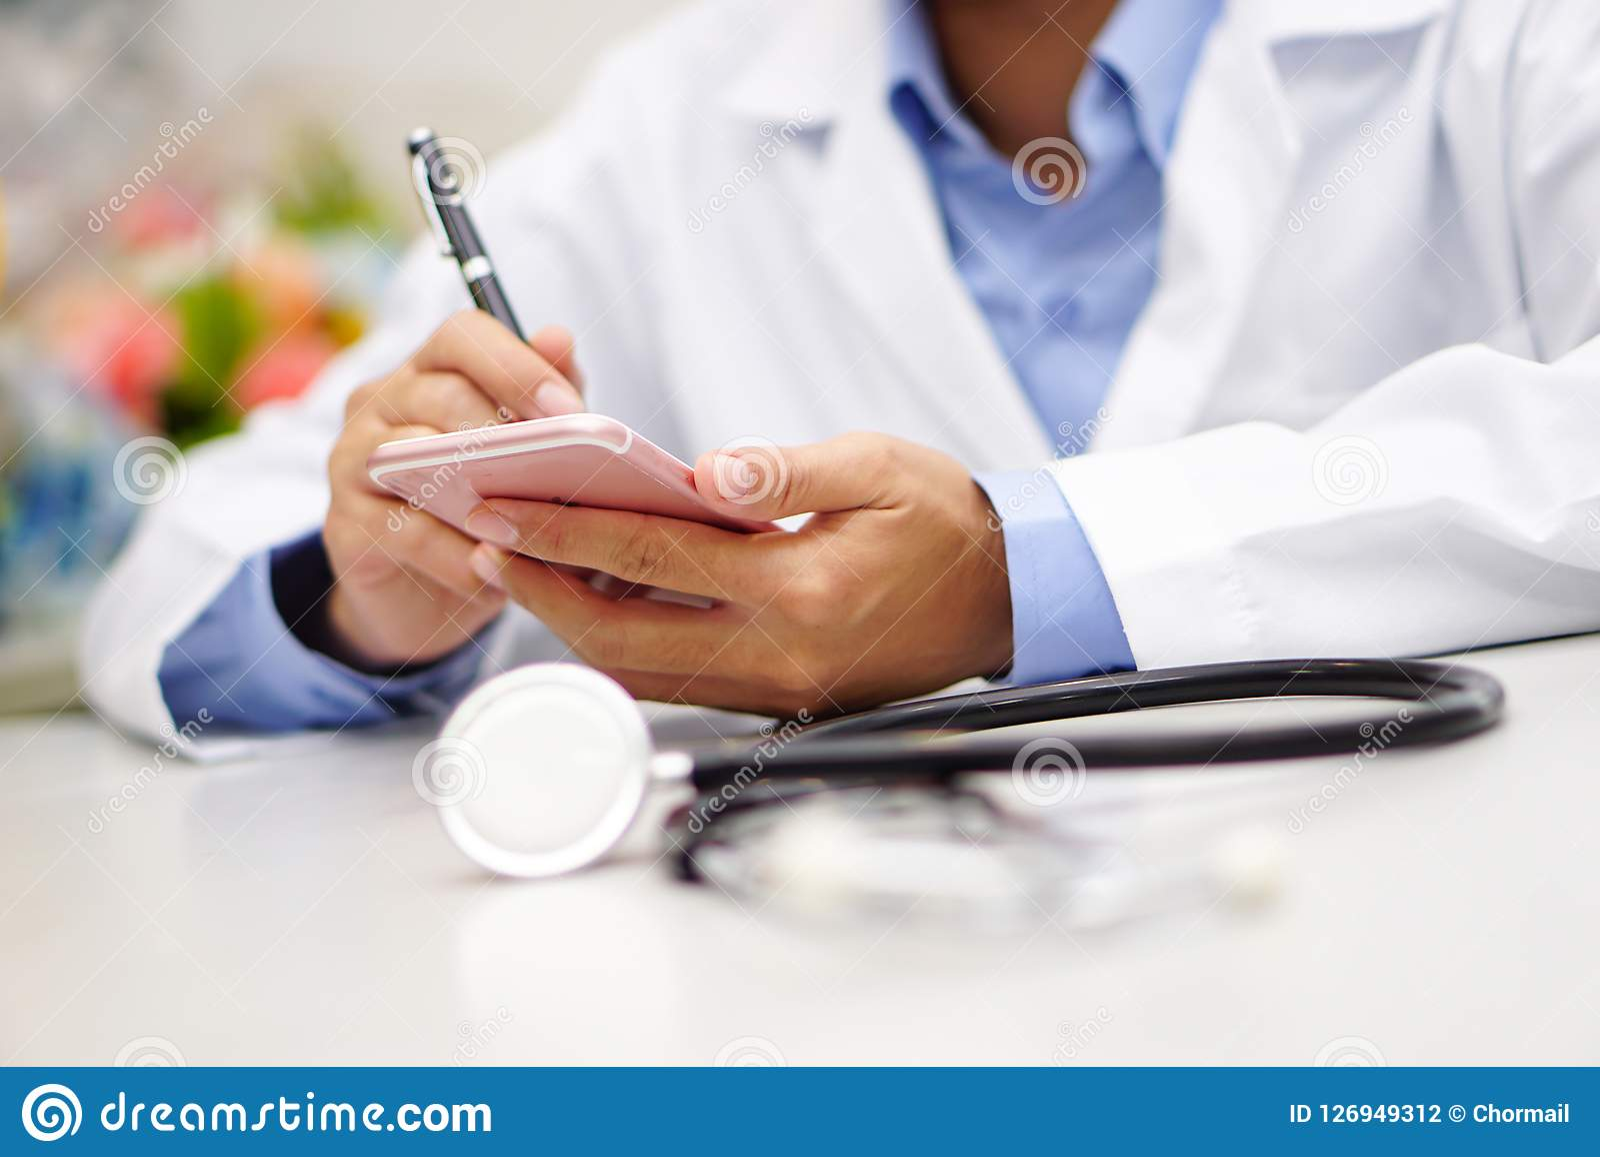 Docteur actif asiatique tenant le téléphone portable pour communiquer au sujet du travail à l hôpital